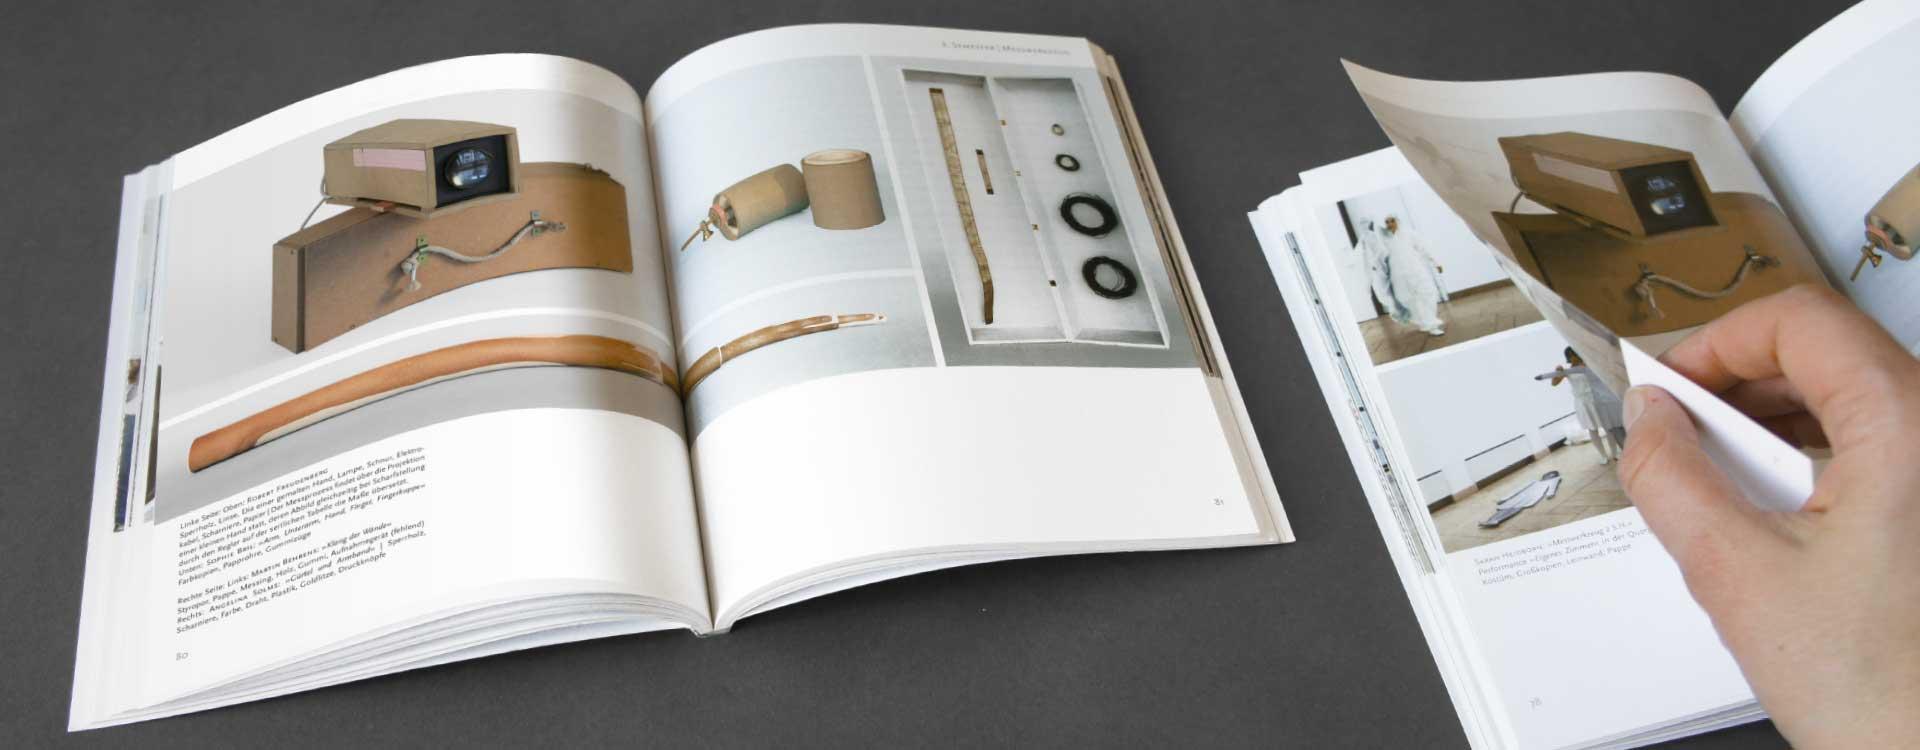 Buch »Plastische und Räumliche Darstellung für Architekten«, Herausgeber UdK, Berlin; Design: Kattrin Richter |Büro für Grafikdesign